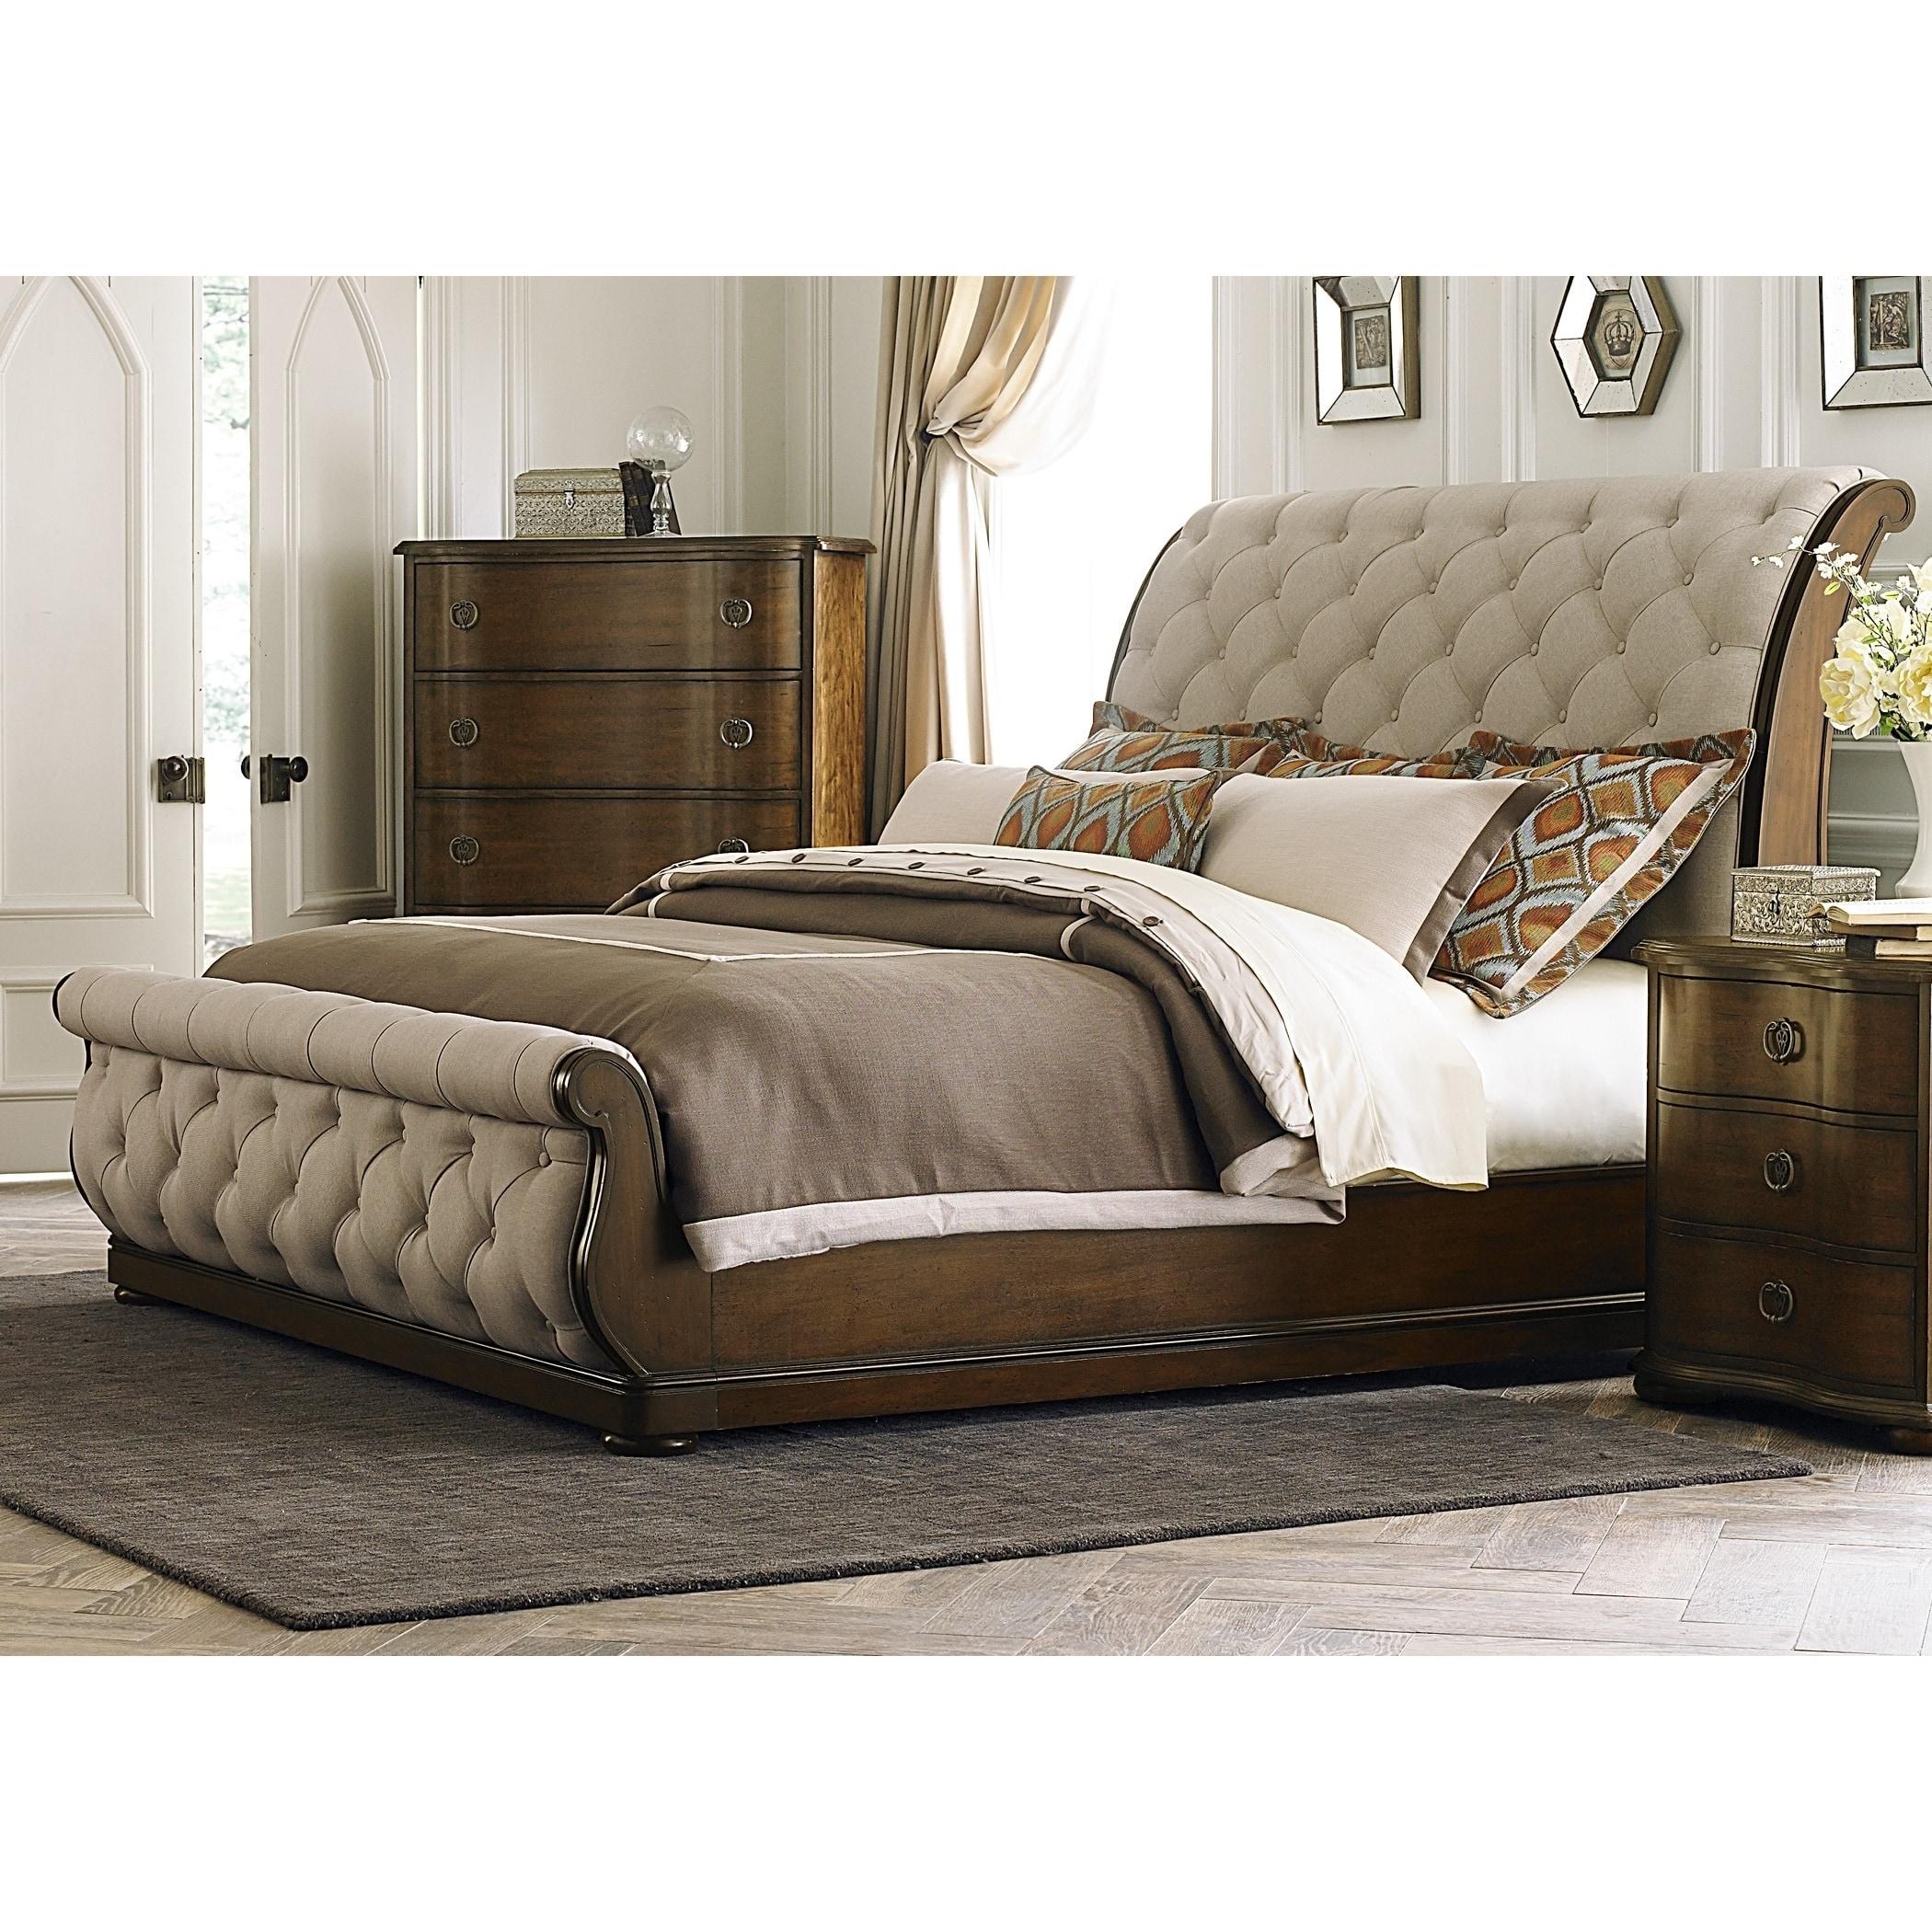 Cotsworld Tufted Linen Upholstered Sleighbed